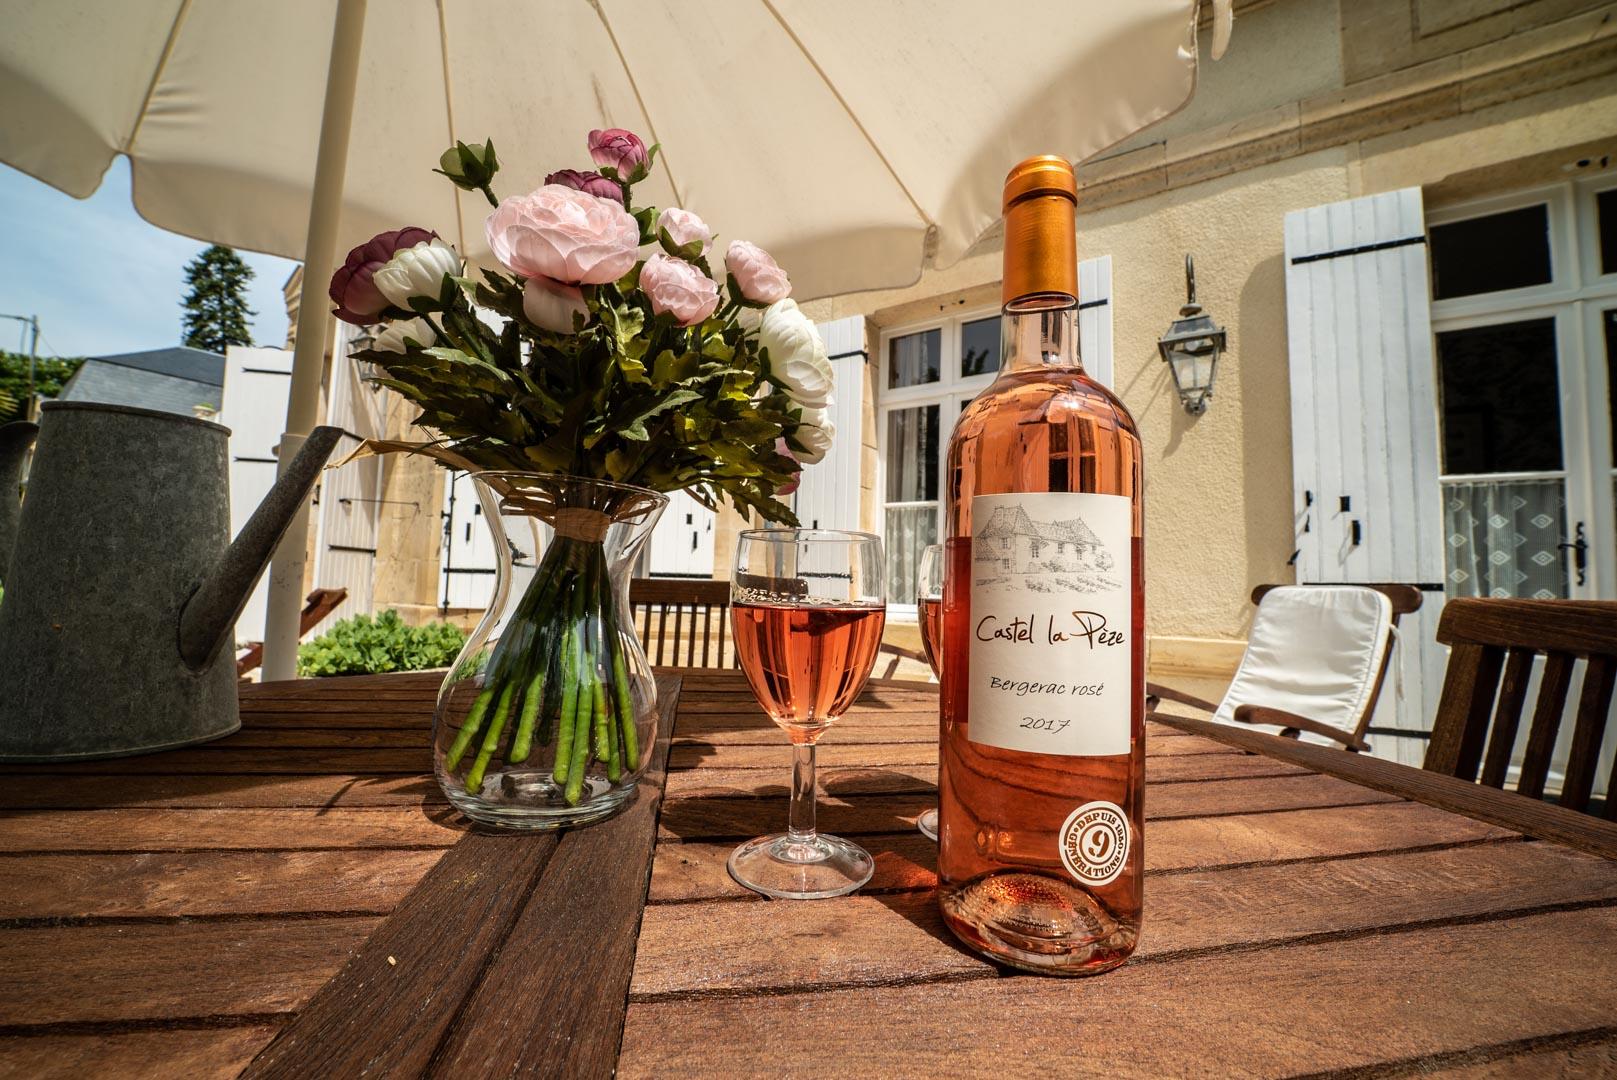 Bouteille vin rosé castel lapeze Chateau Rauly location bergerac Monbazillac